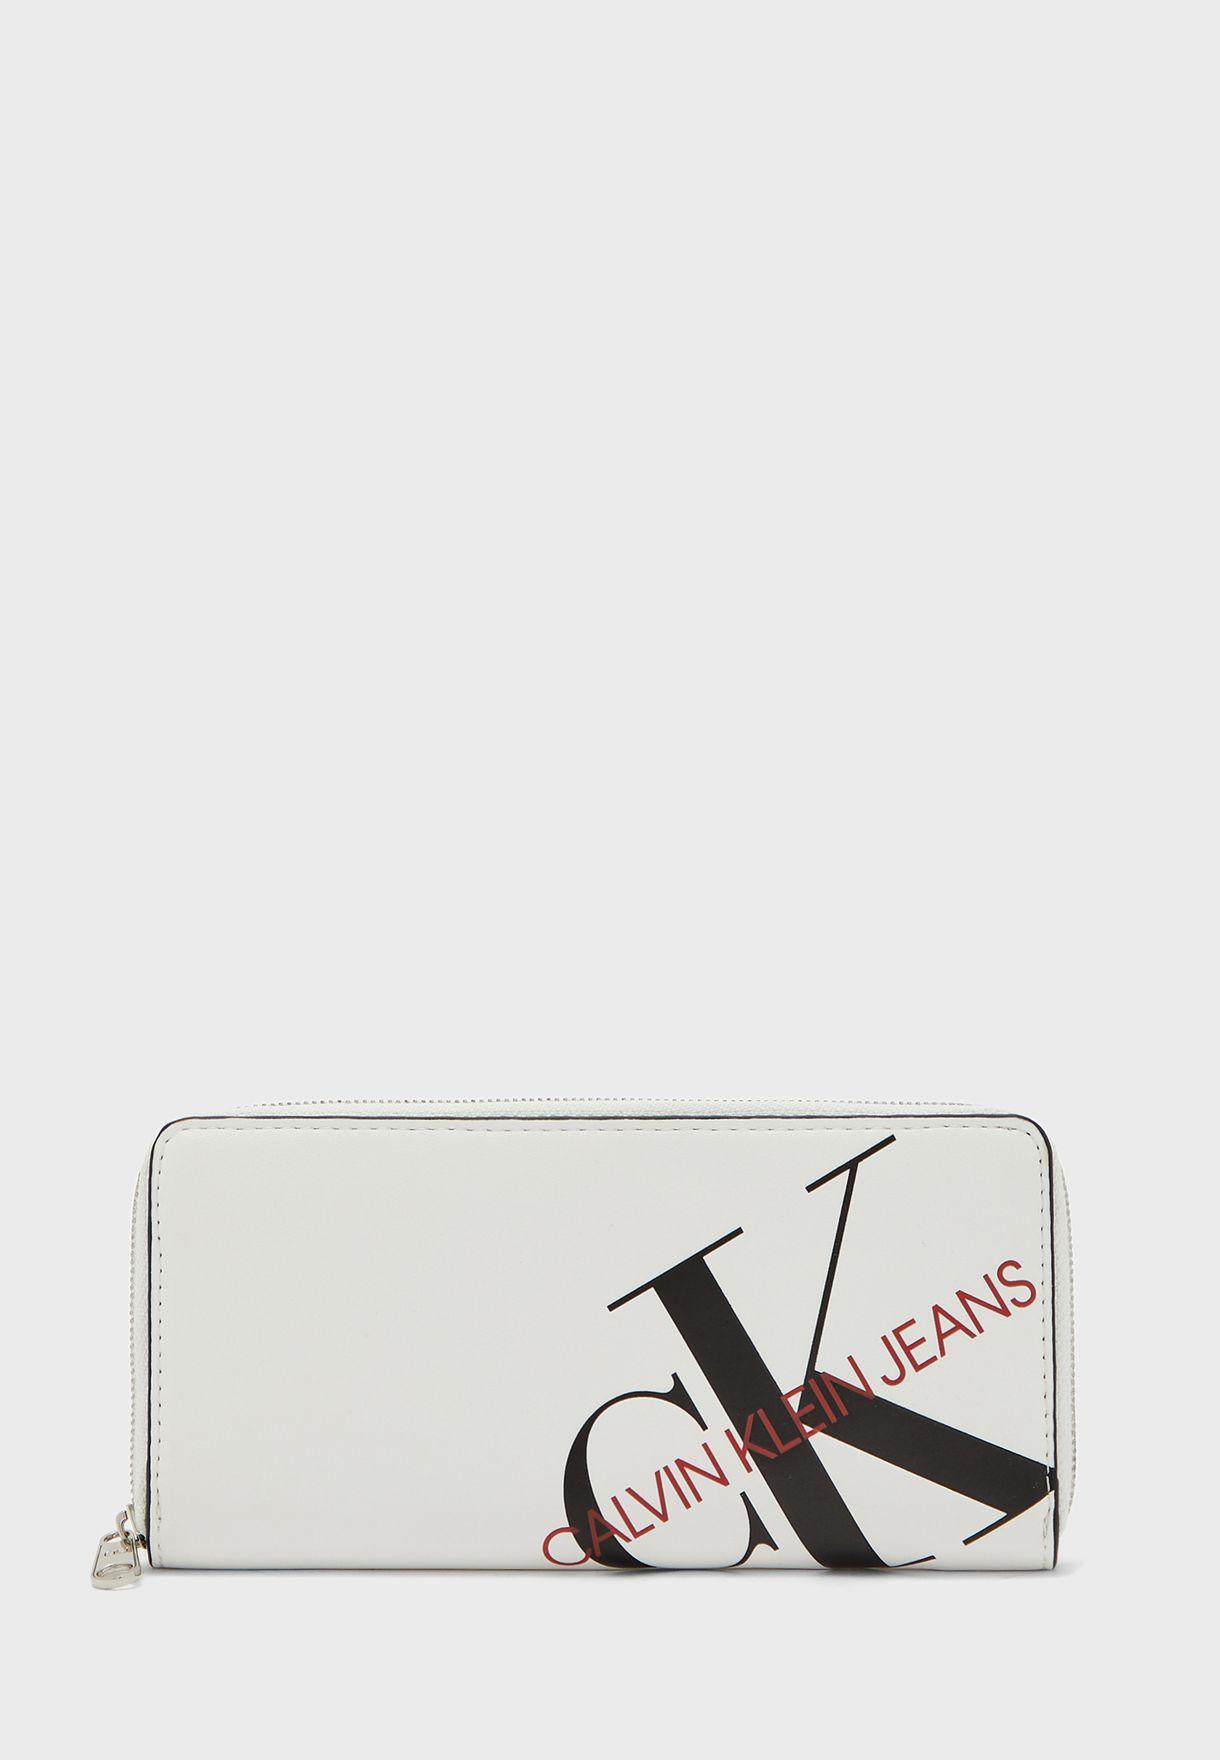 محفظة مزينة بطباعة شعار الماركة